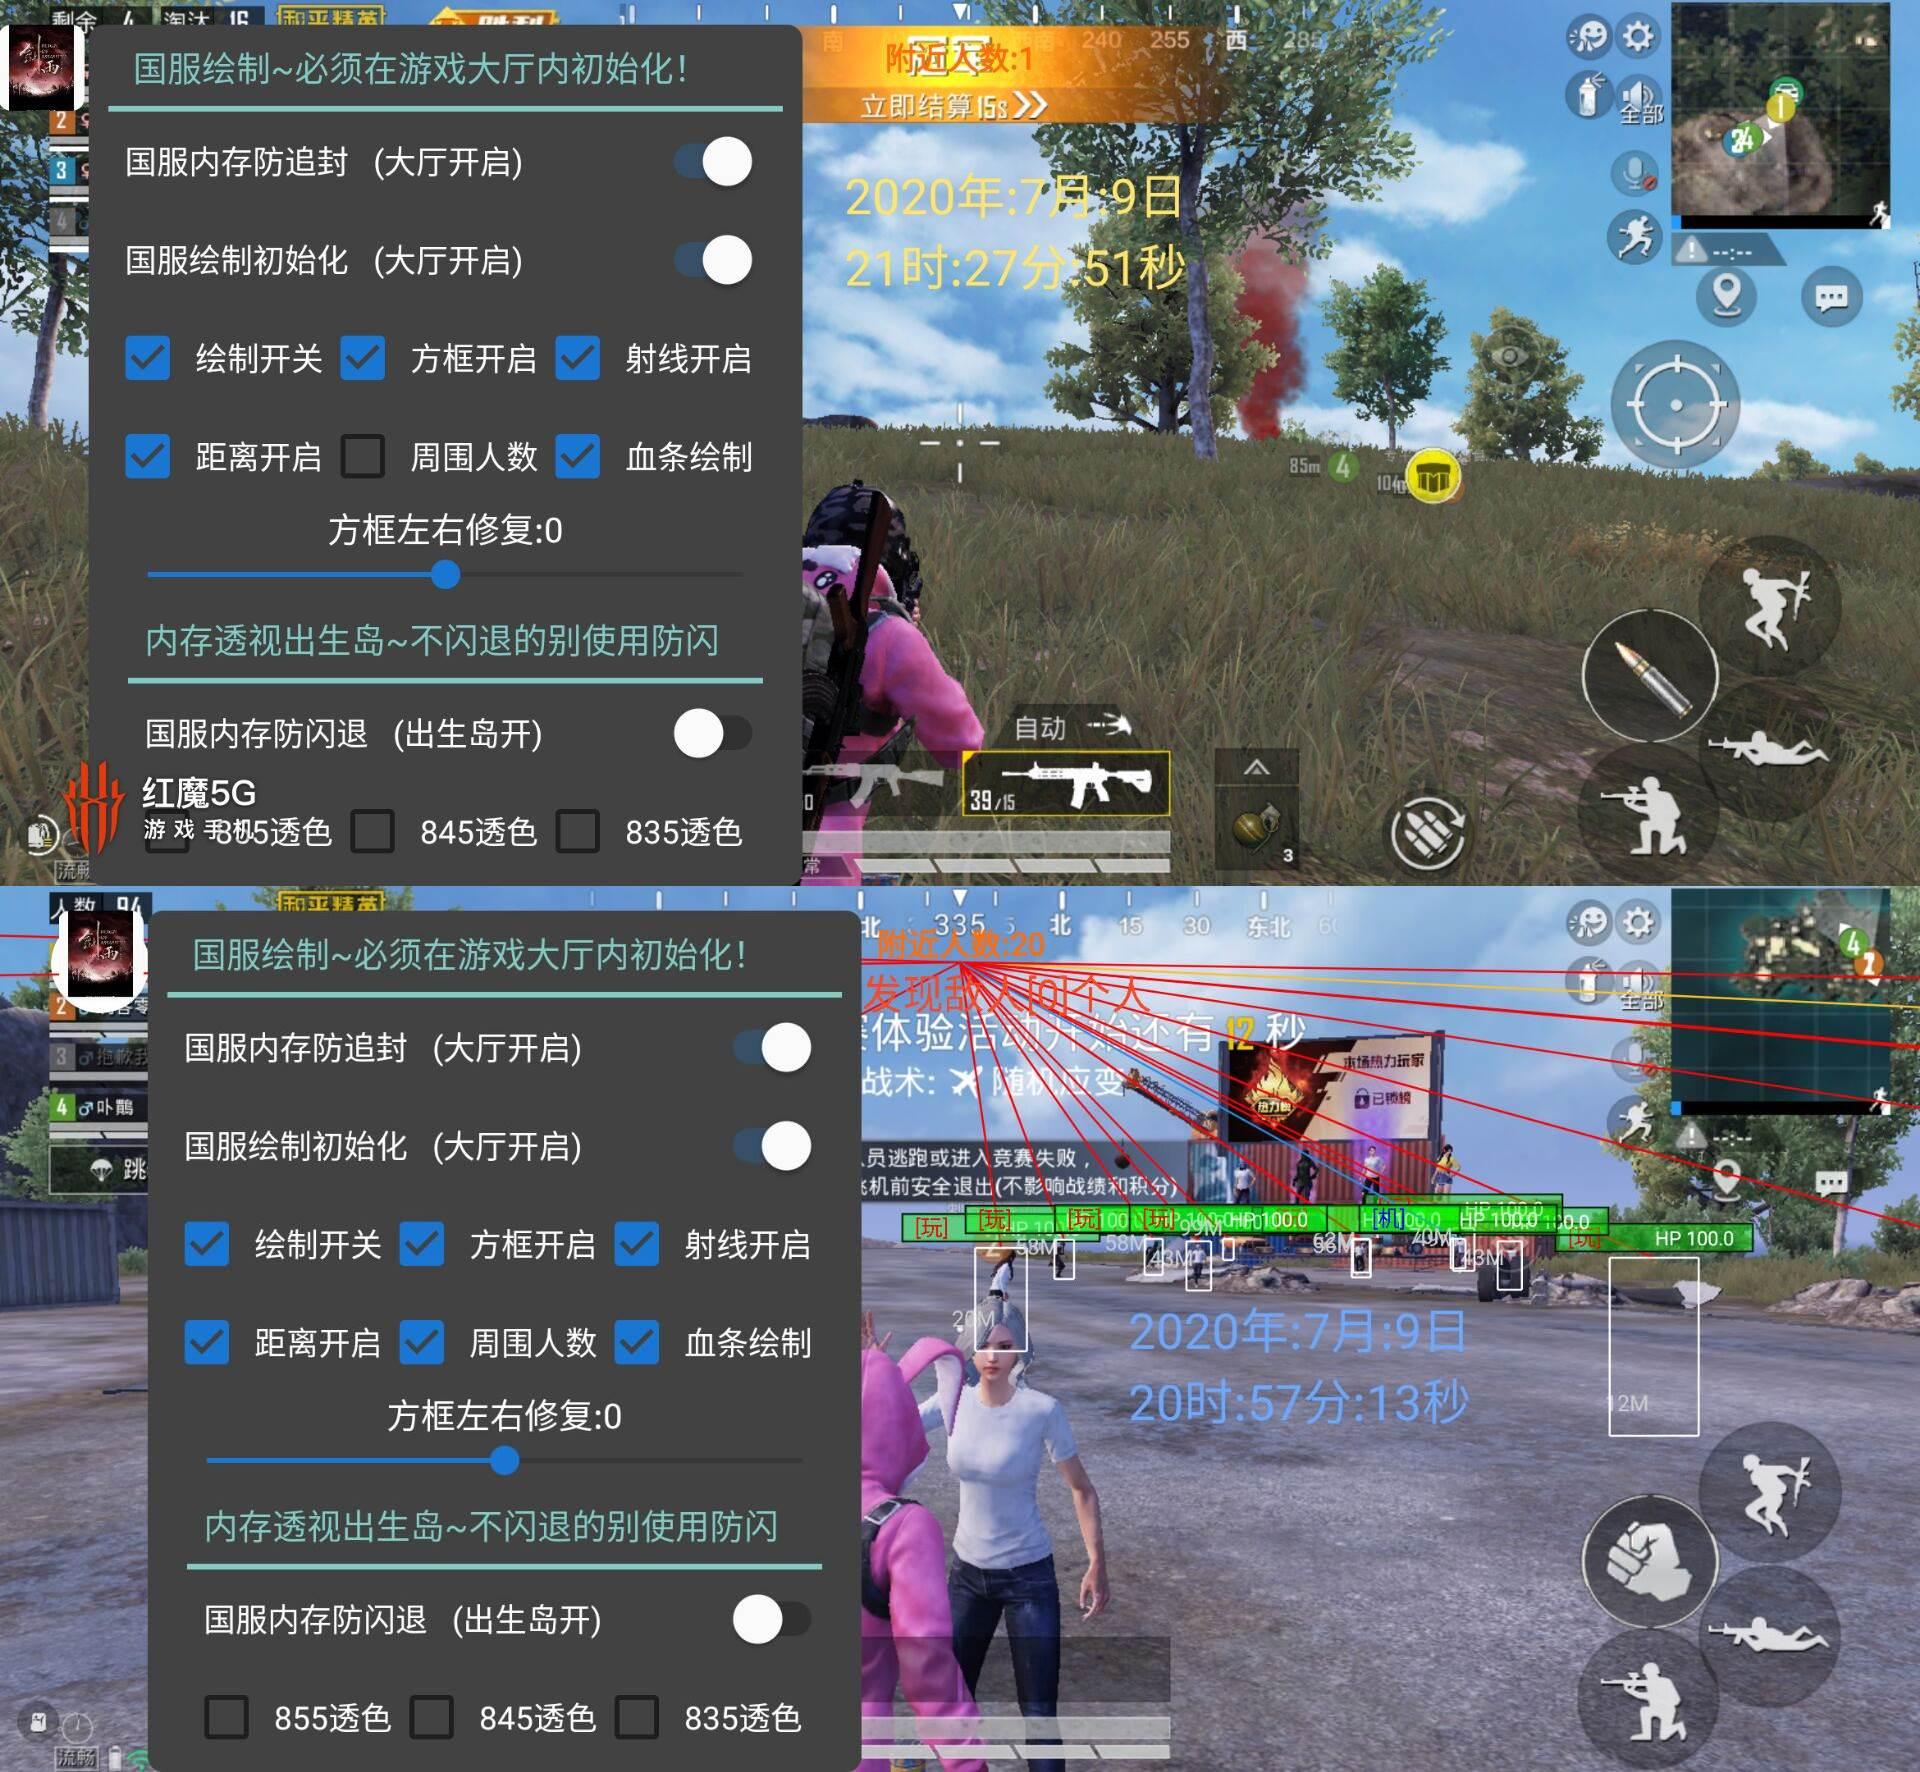 和平精英手游-剑雨 v1.3绘制方框/透视上色/破解版